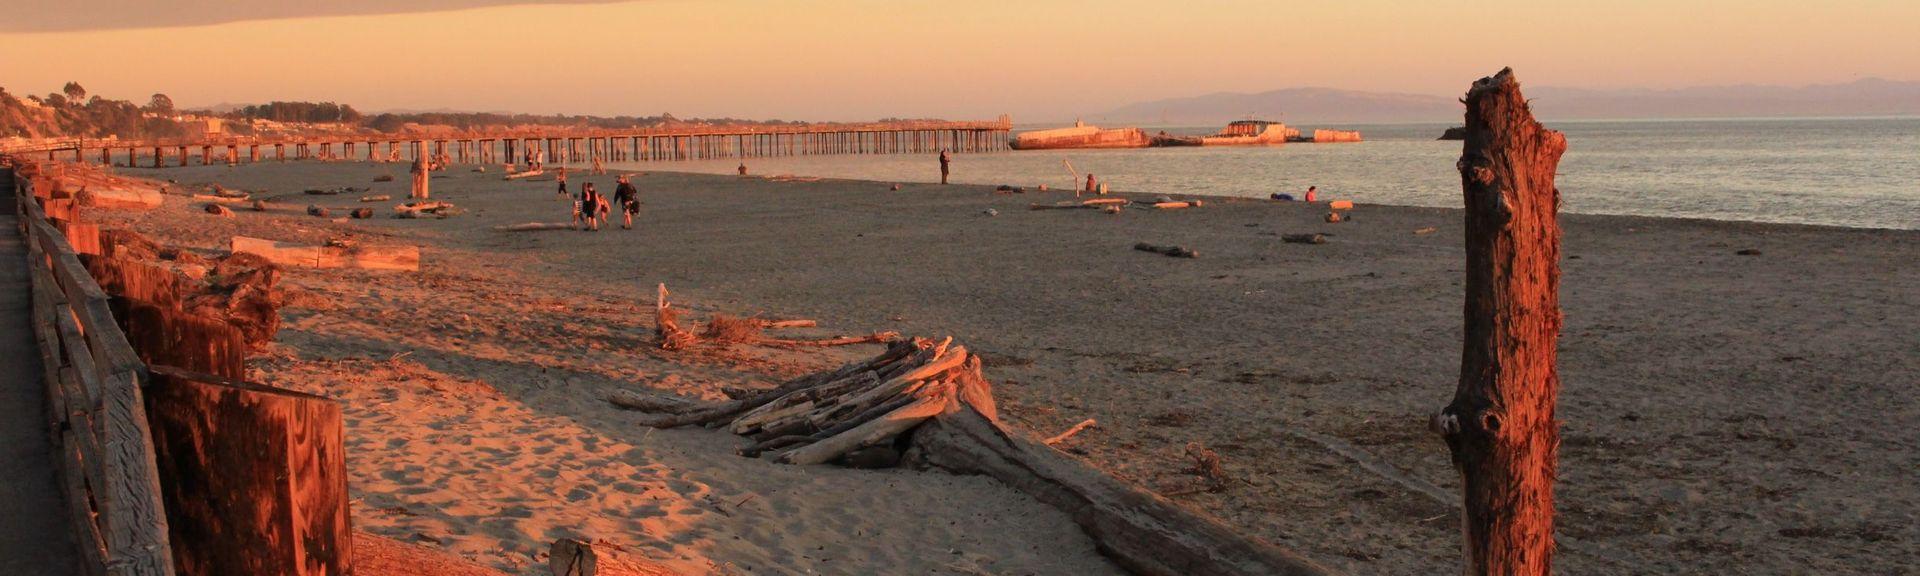 Seacliff State Beach, Aptos, California, Estados Unidos